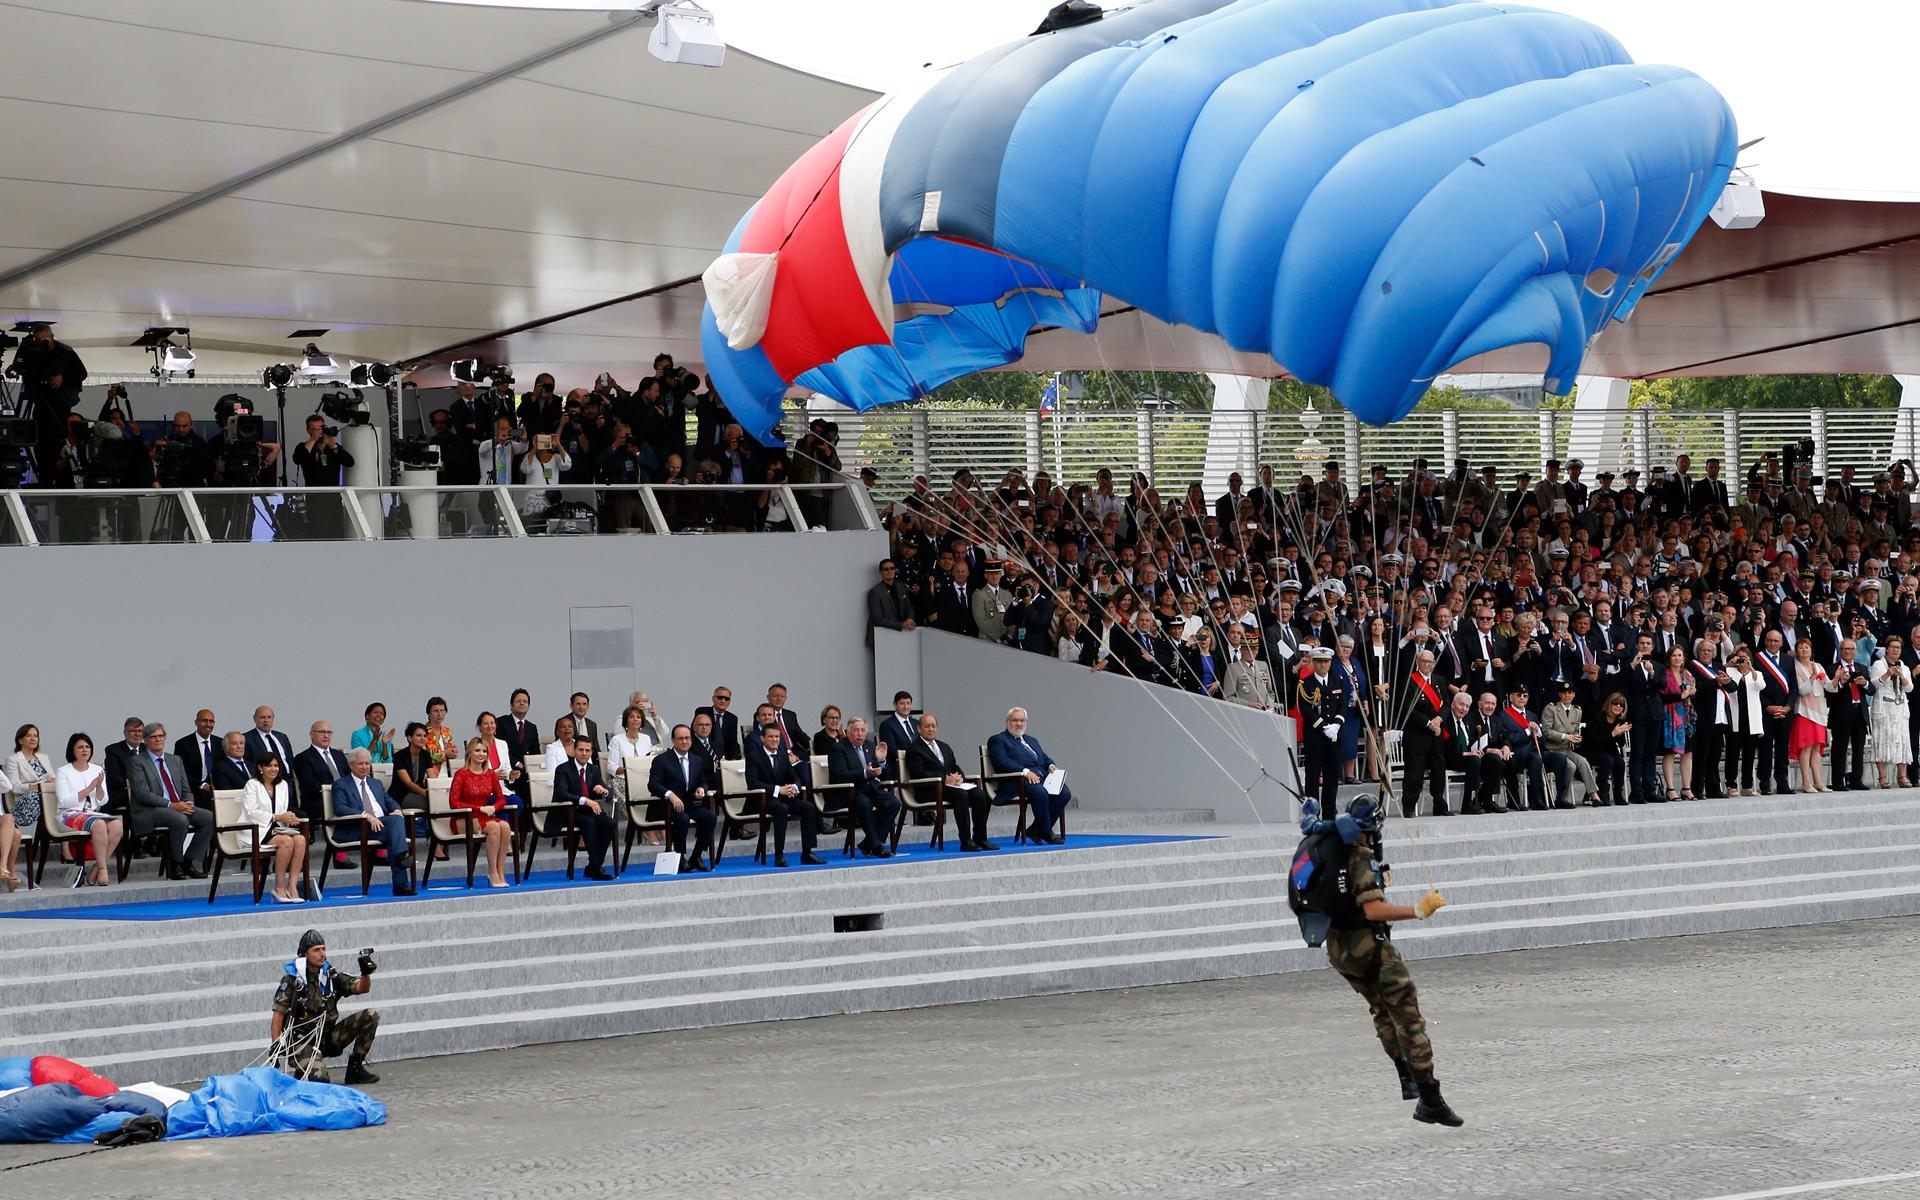 法国阅兵2015_2015年7月14日,法国在巴黎举行阅兵式游行,一名伞兵降落在现场